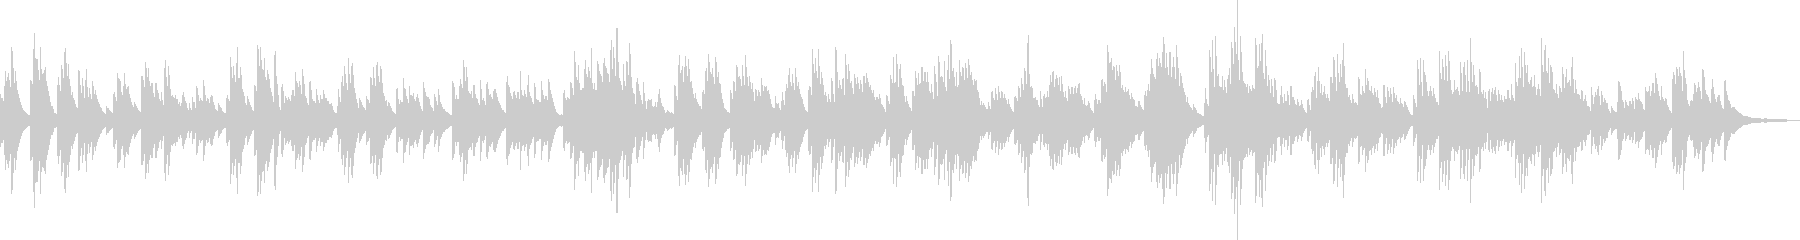 別れ(ピアノソロ・悲しい・BGM)の未再生の波形